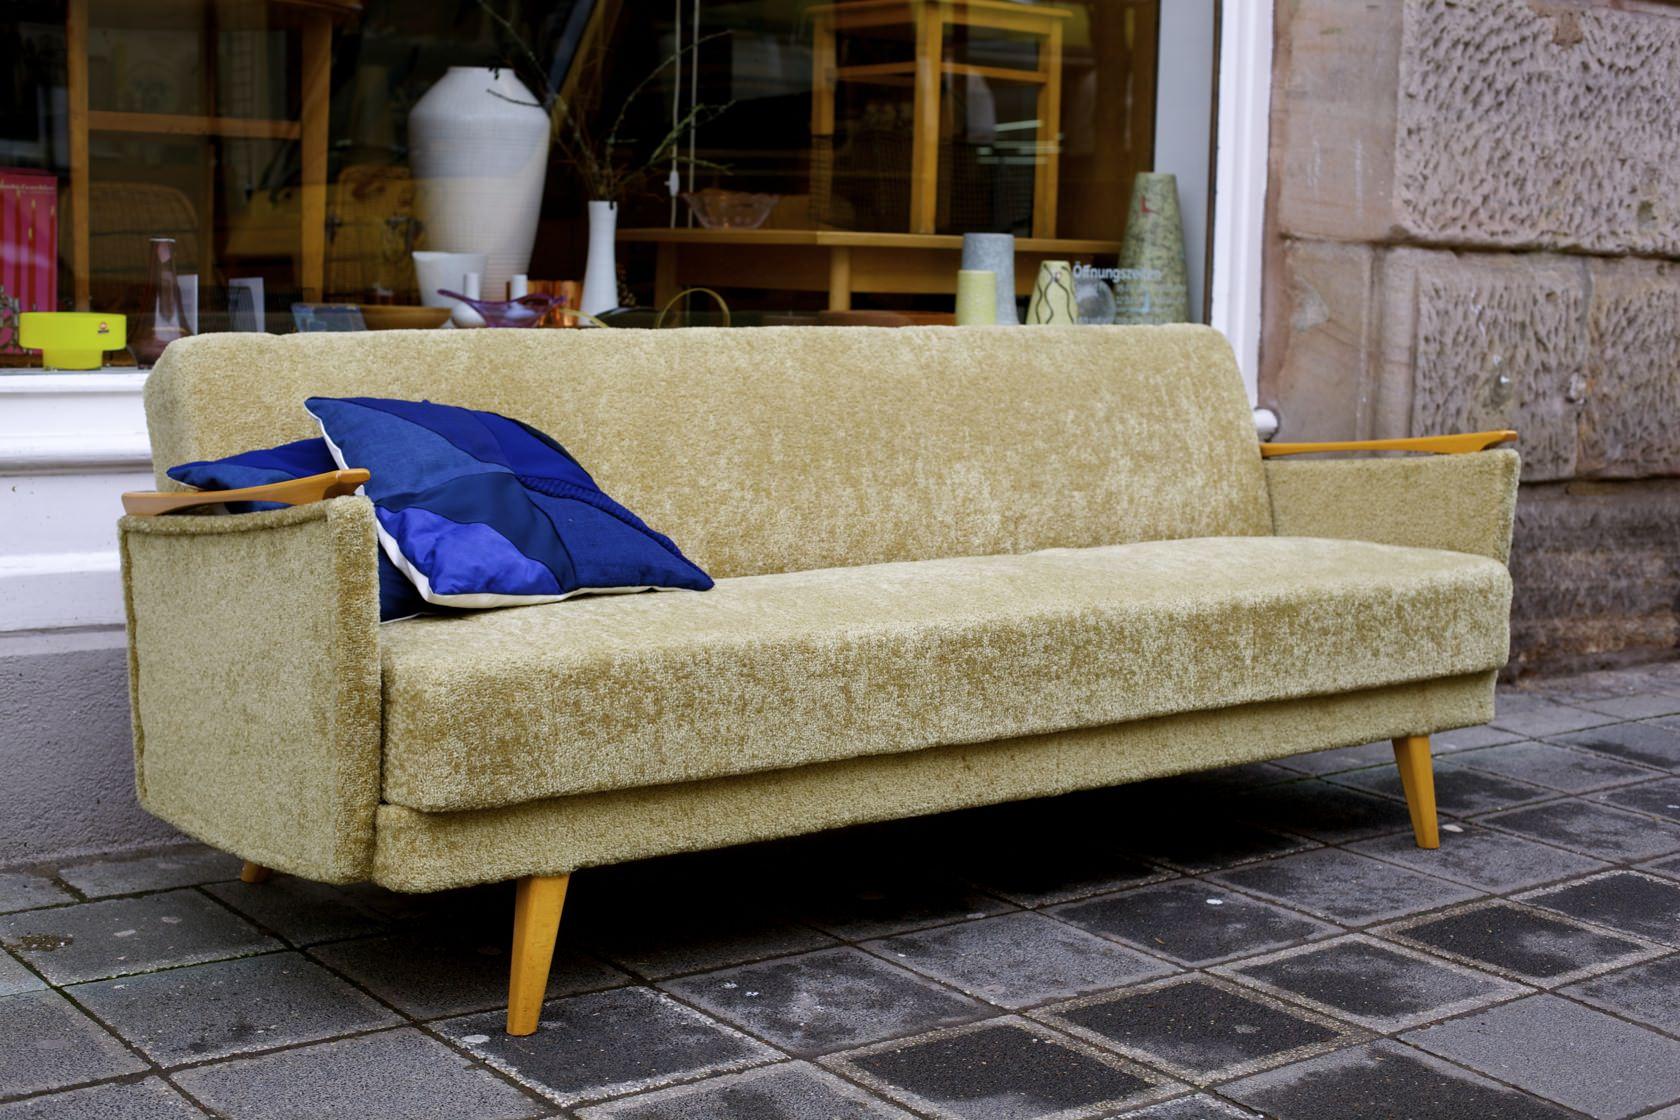 50er jahre sofa full size of er jahre sofa er er jahre sofa mid century with 50er jahre sofa. Black Bedroom Furniture Sets. Home Design Ideas